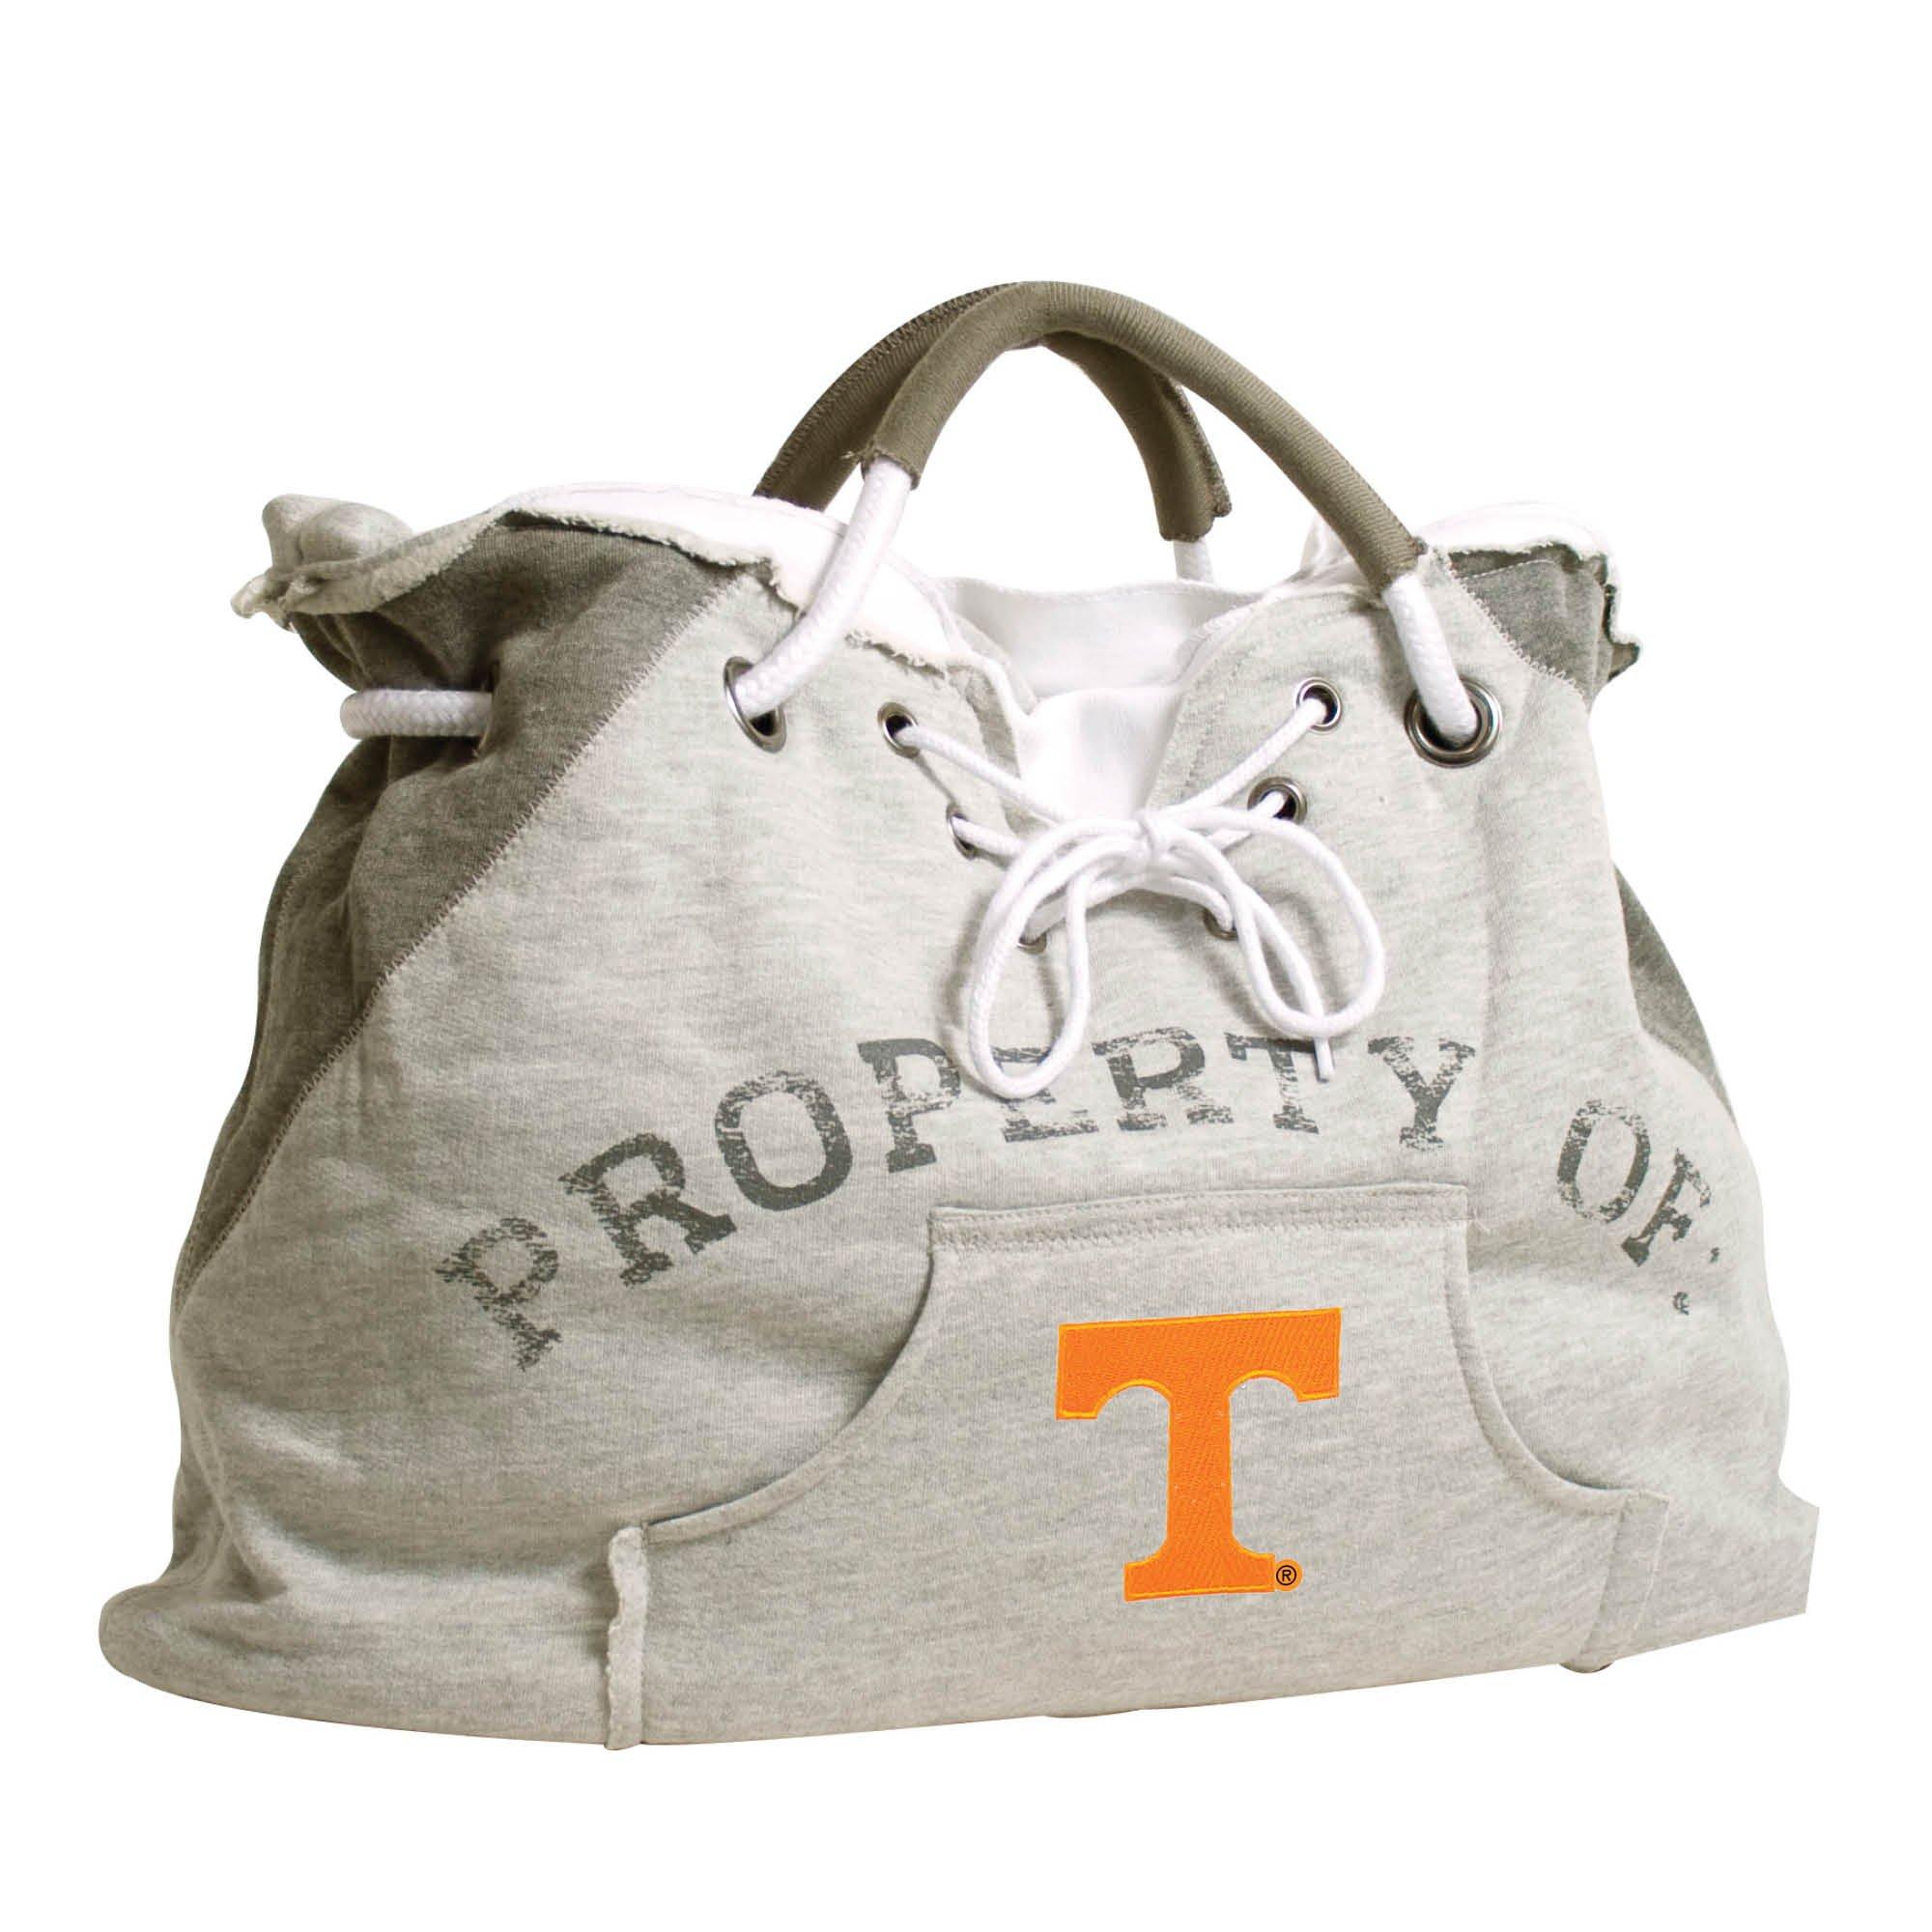 Littlearth NCAA Tennessee Volunteers Hoodie Tote Bag